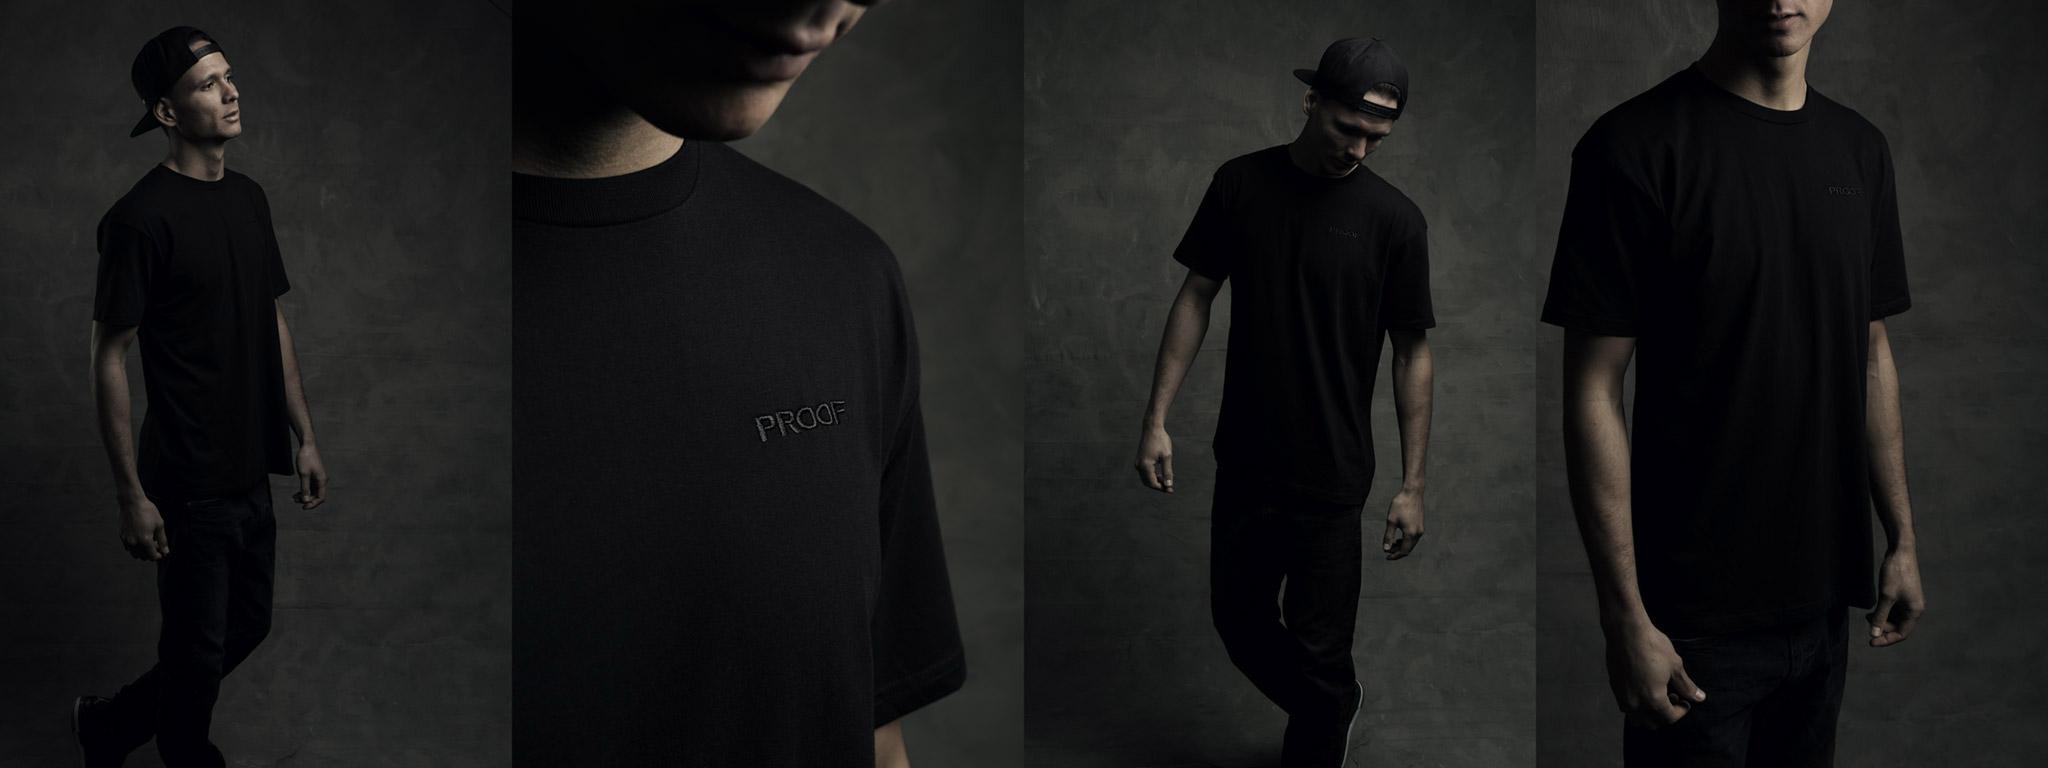 Proof Streetwear